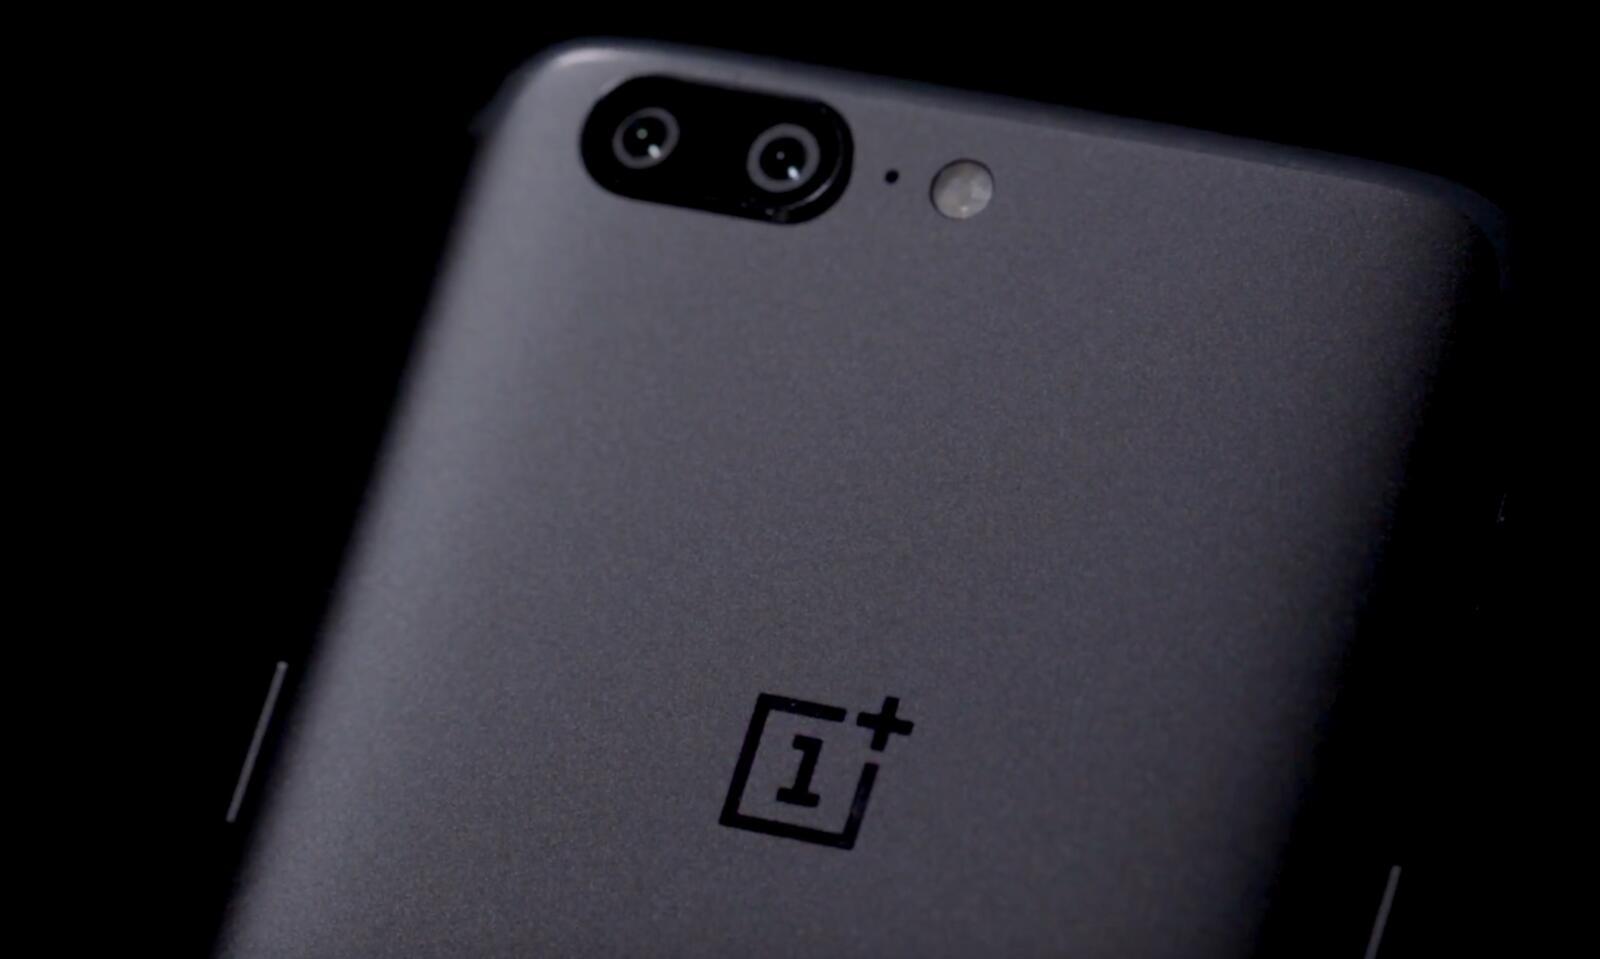 OnePlus 5 offiziell: Worldphone mit Fokus auf Kamera und Performance